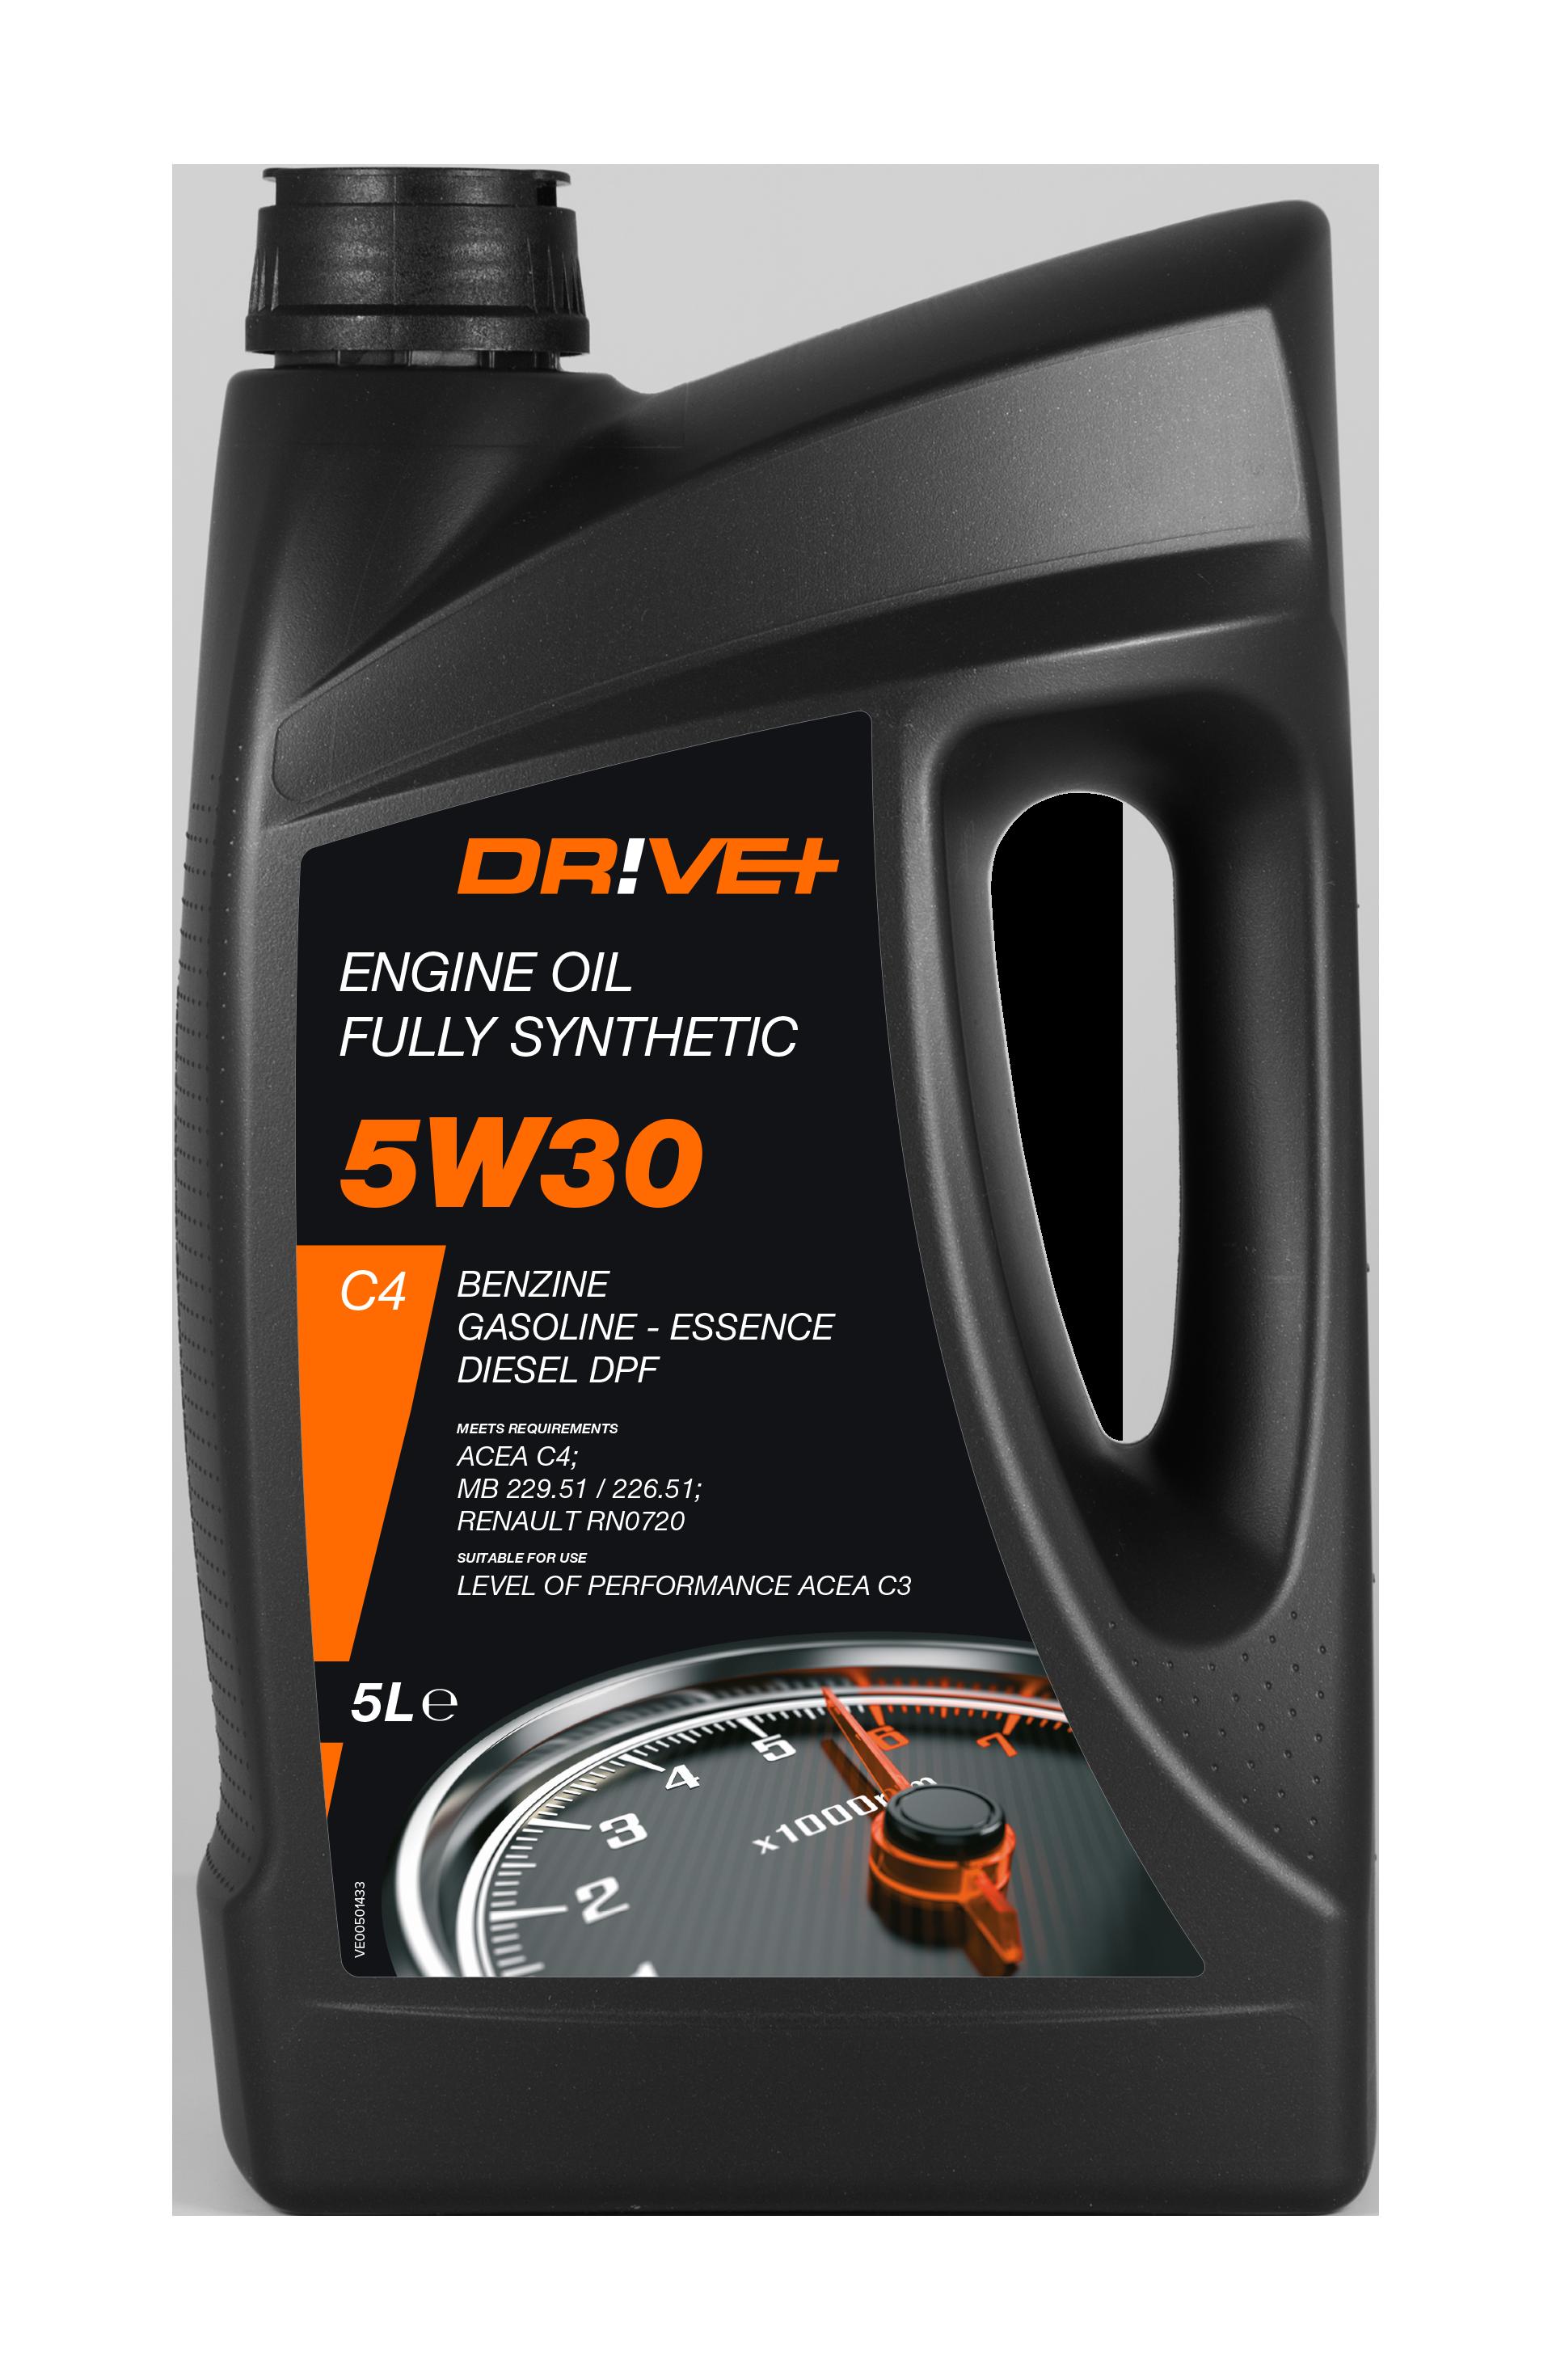 Motorenöl Dr!ve+ DP3310.10.102